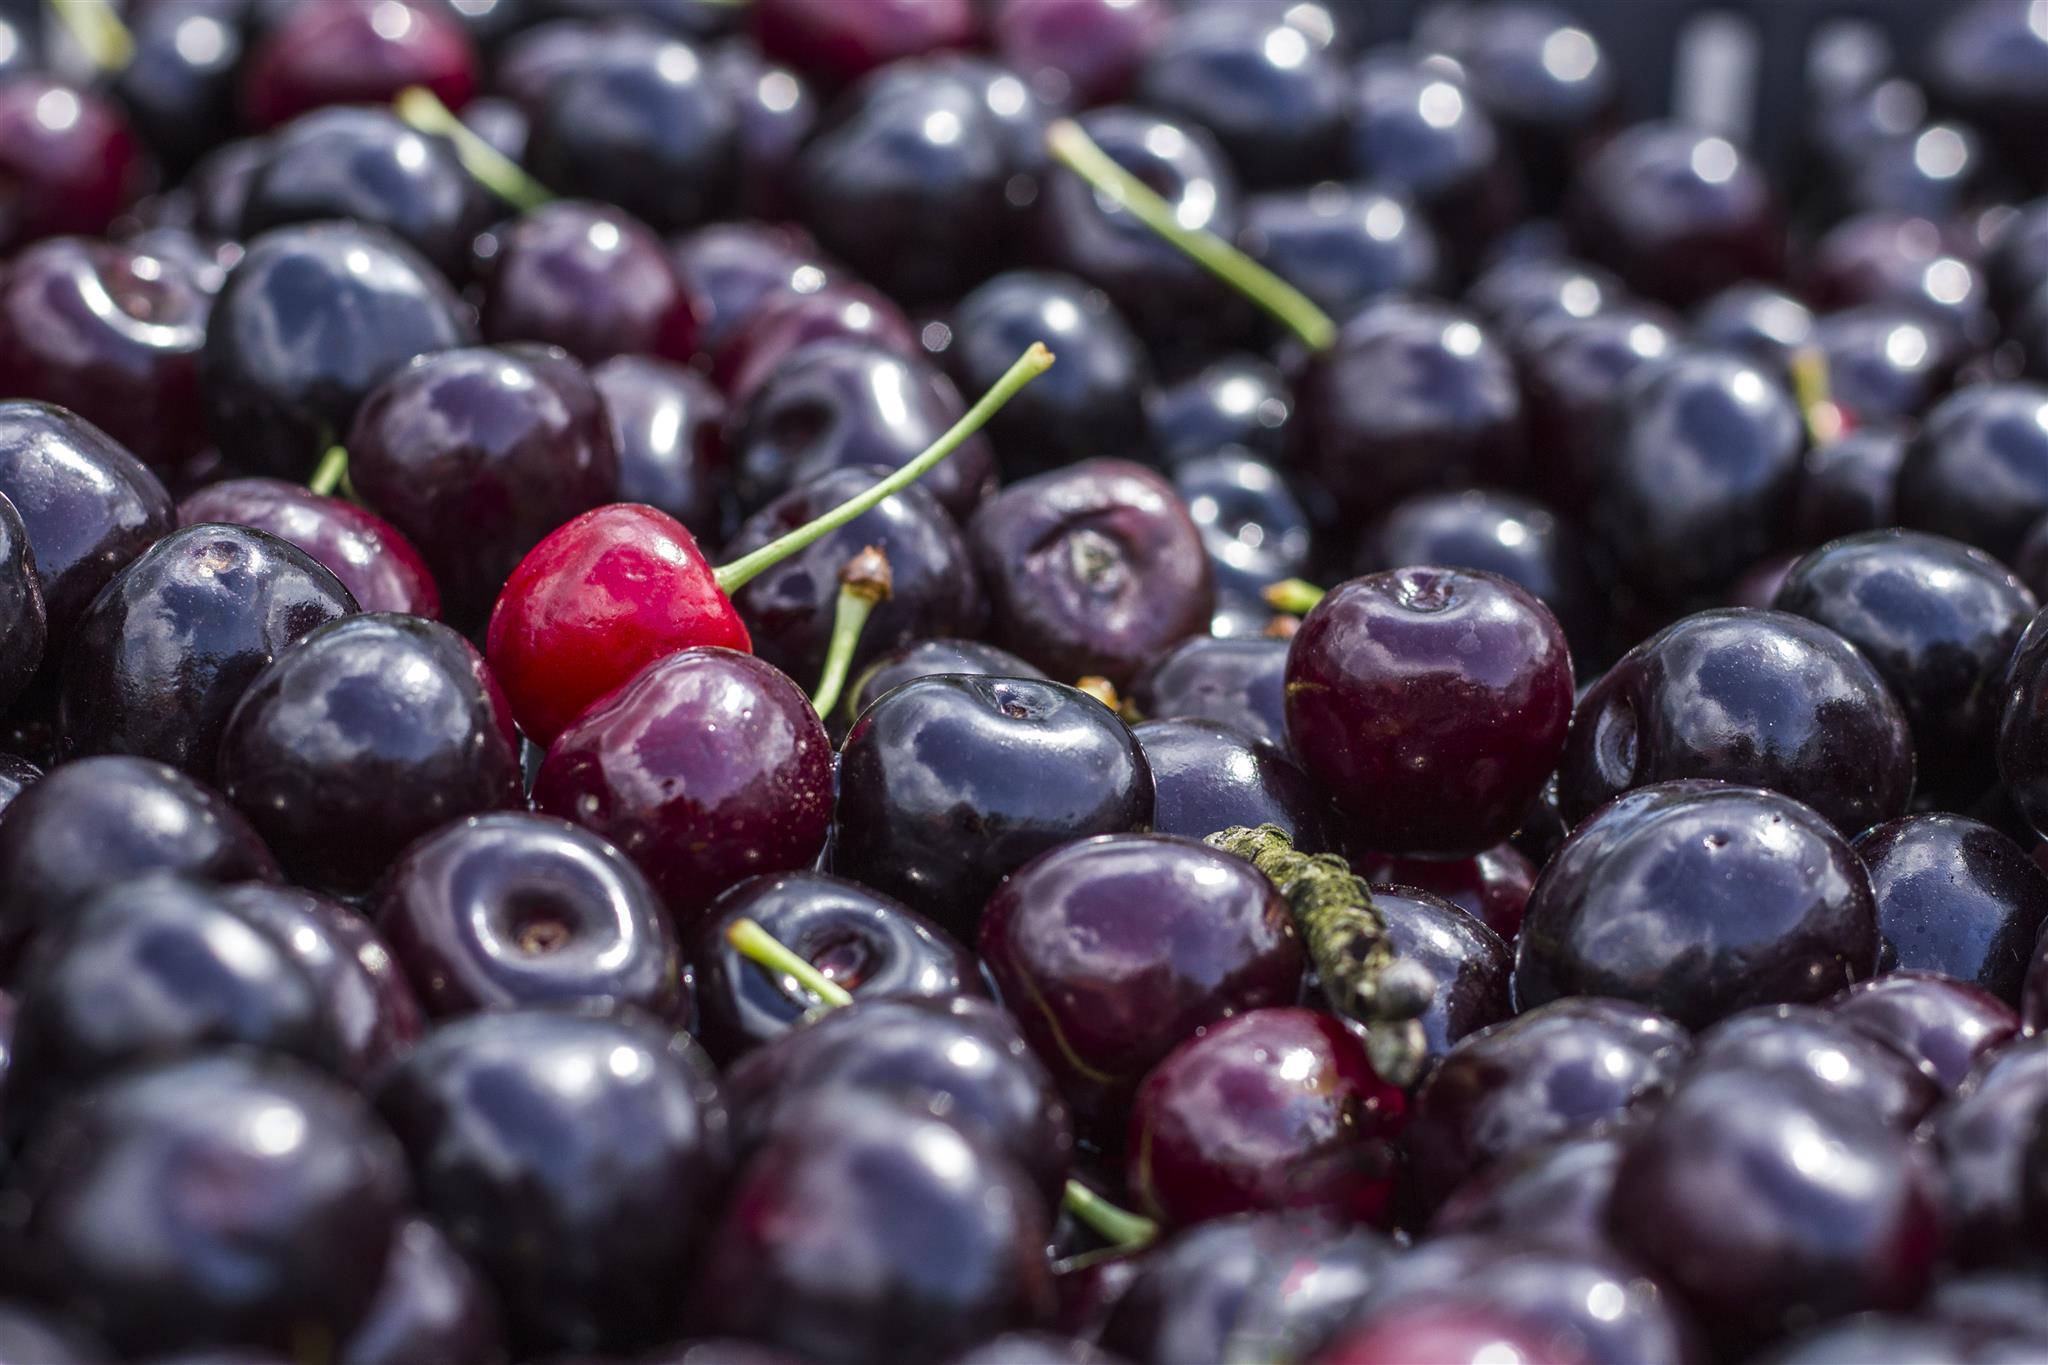 ... amikor még a láda éretlen gyümölcsöt és ágakat is tartalmazhat...